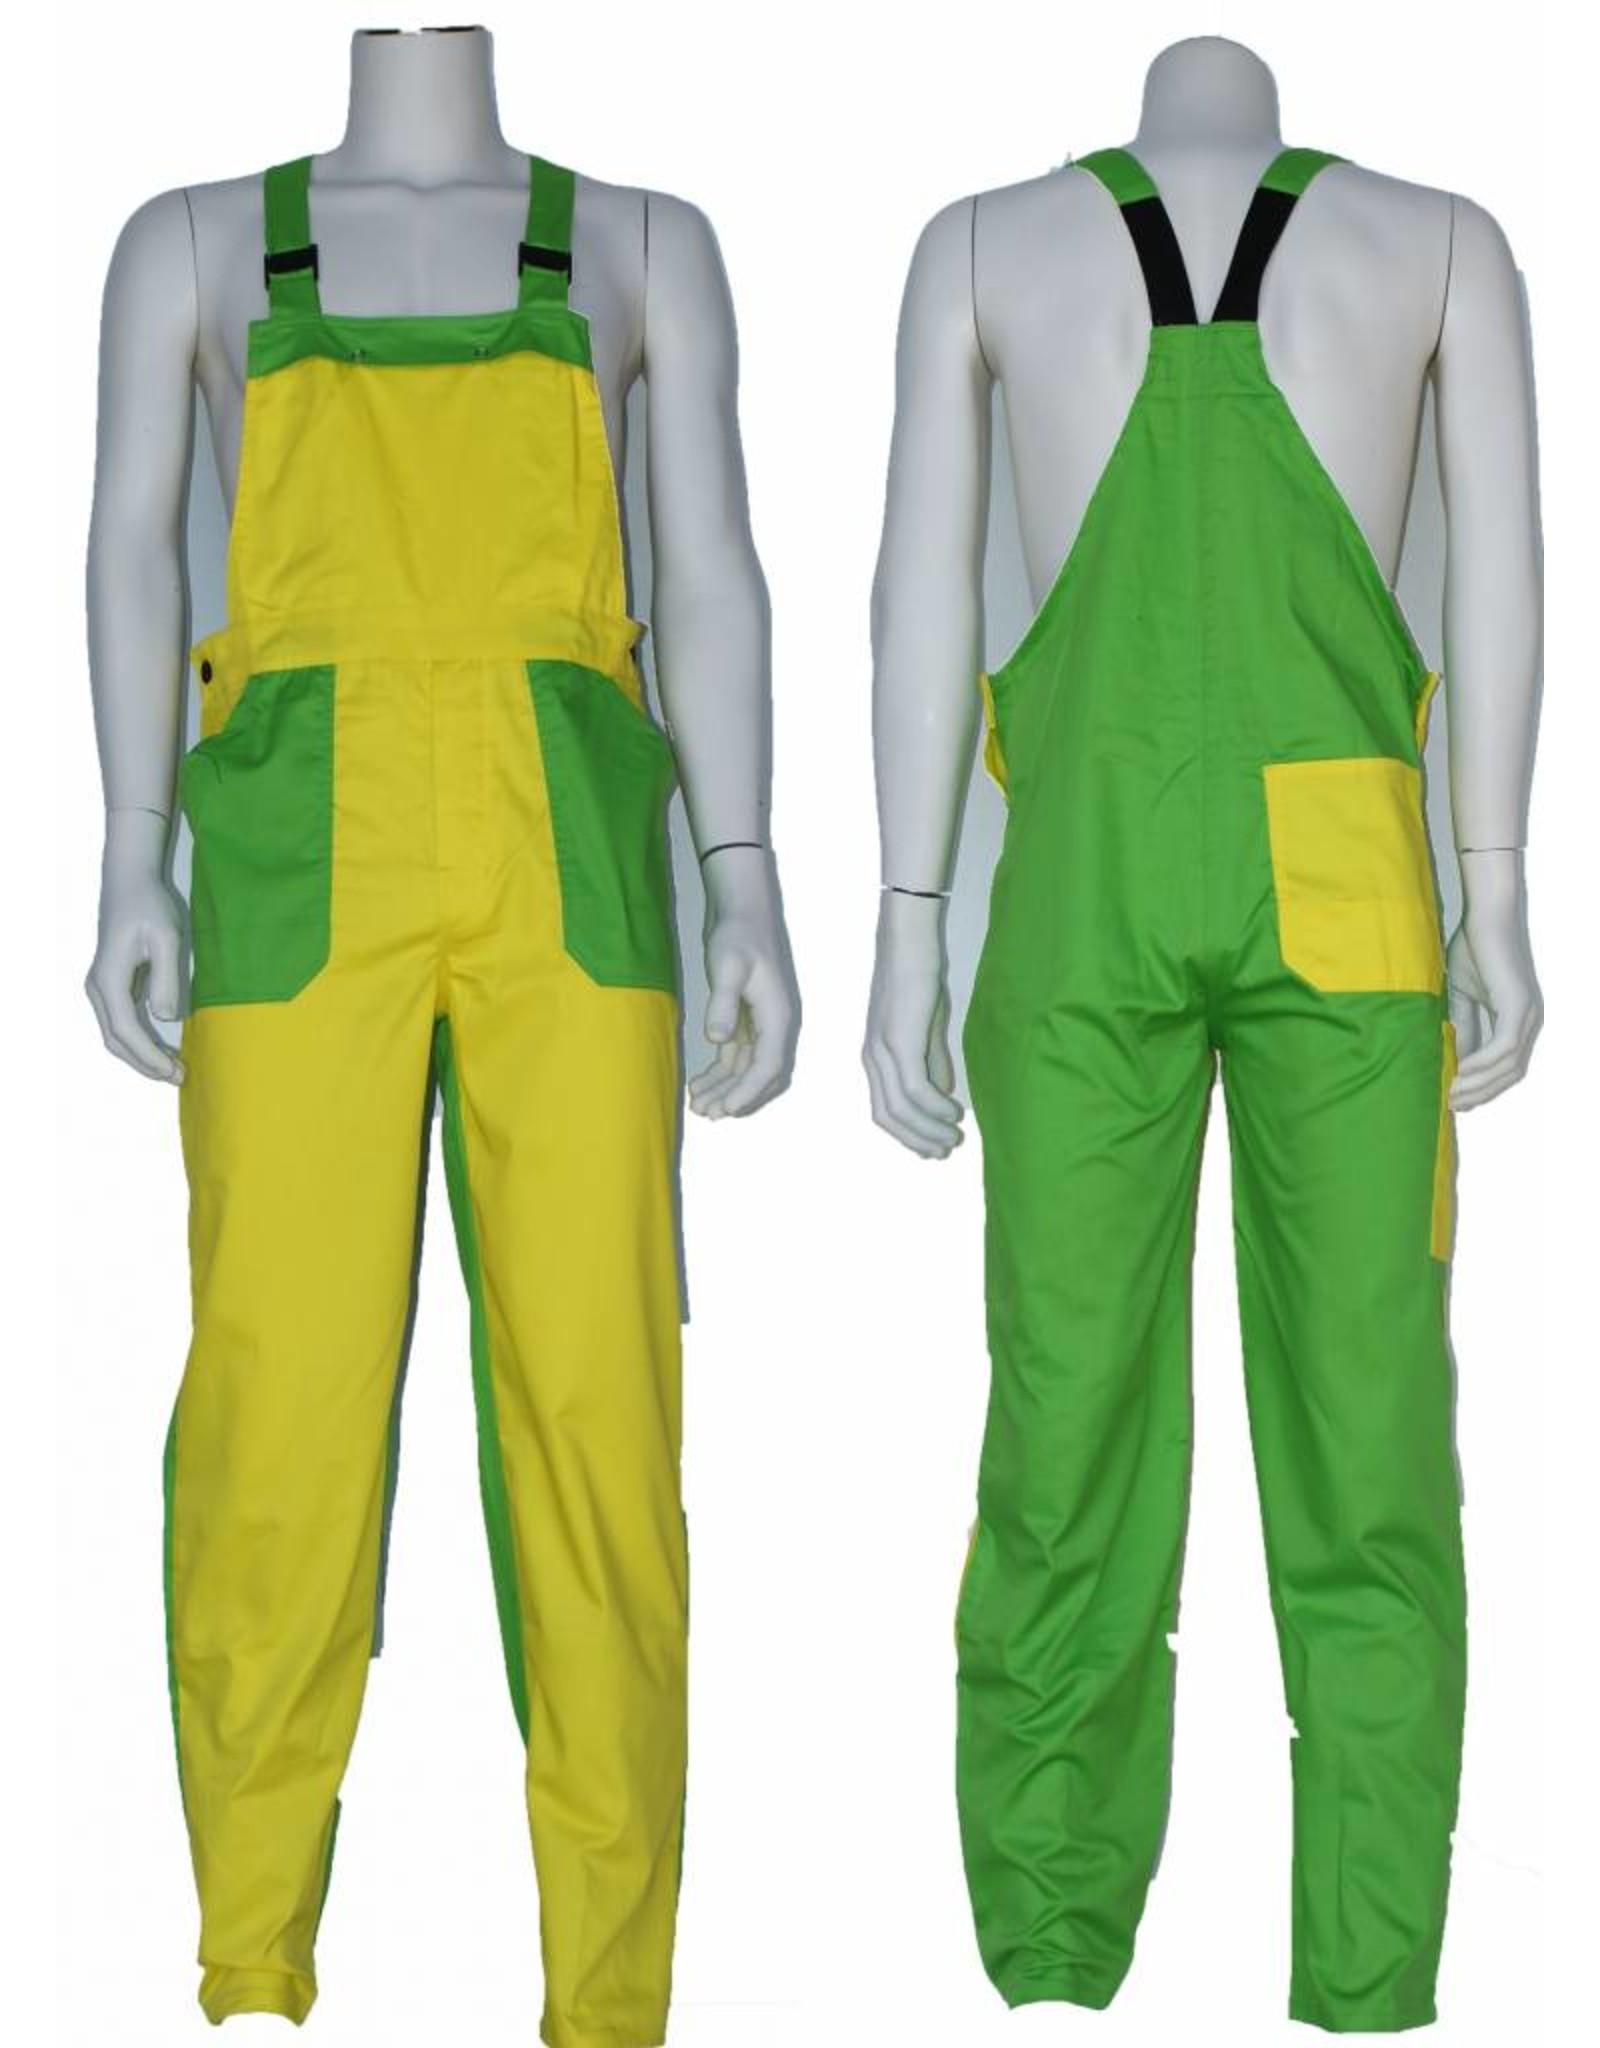 Manuel Tuinbroek 65%polyester / 35% katoen, 2-kleurig